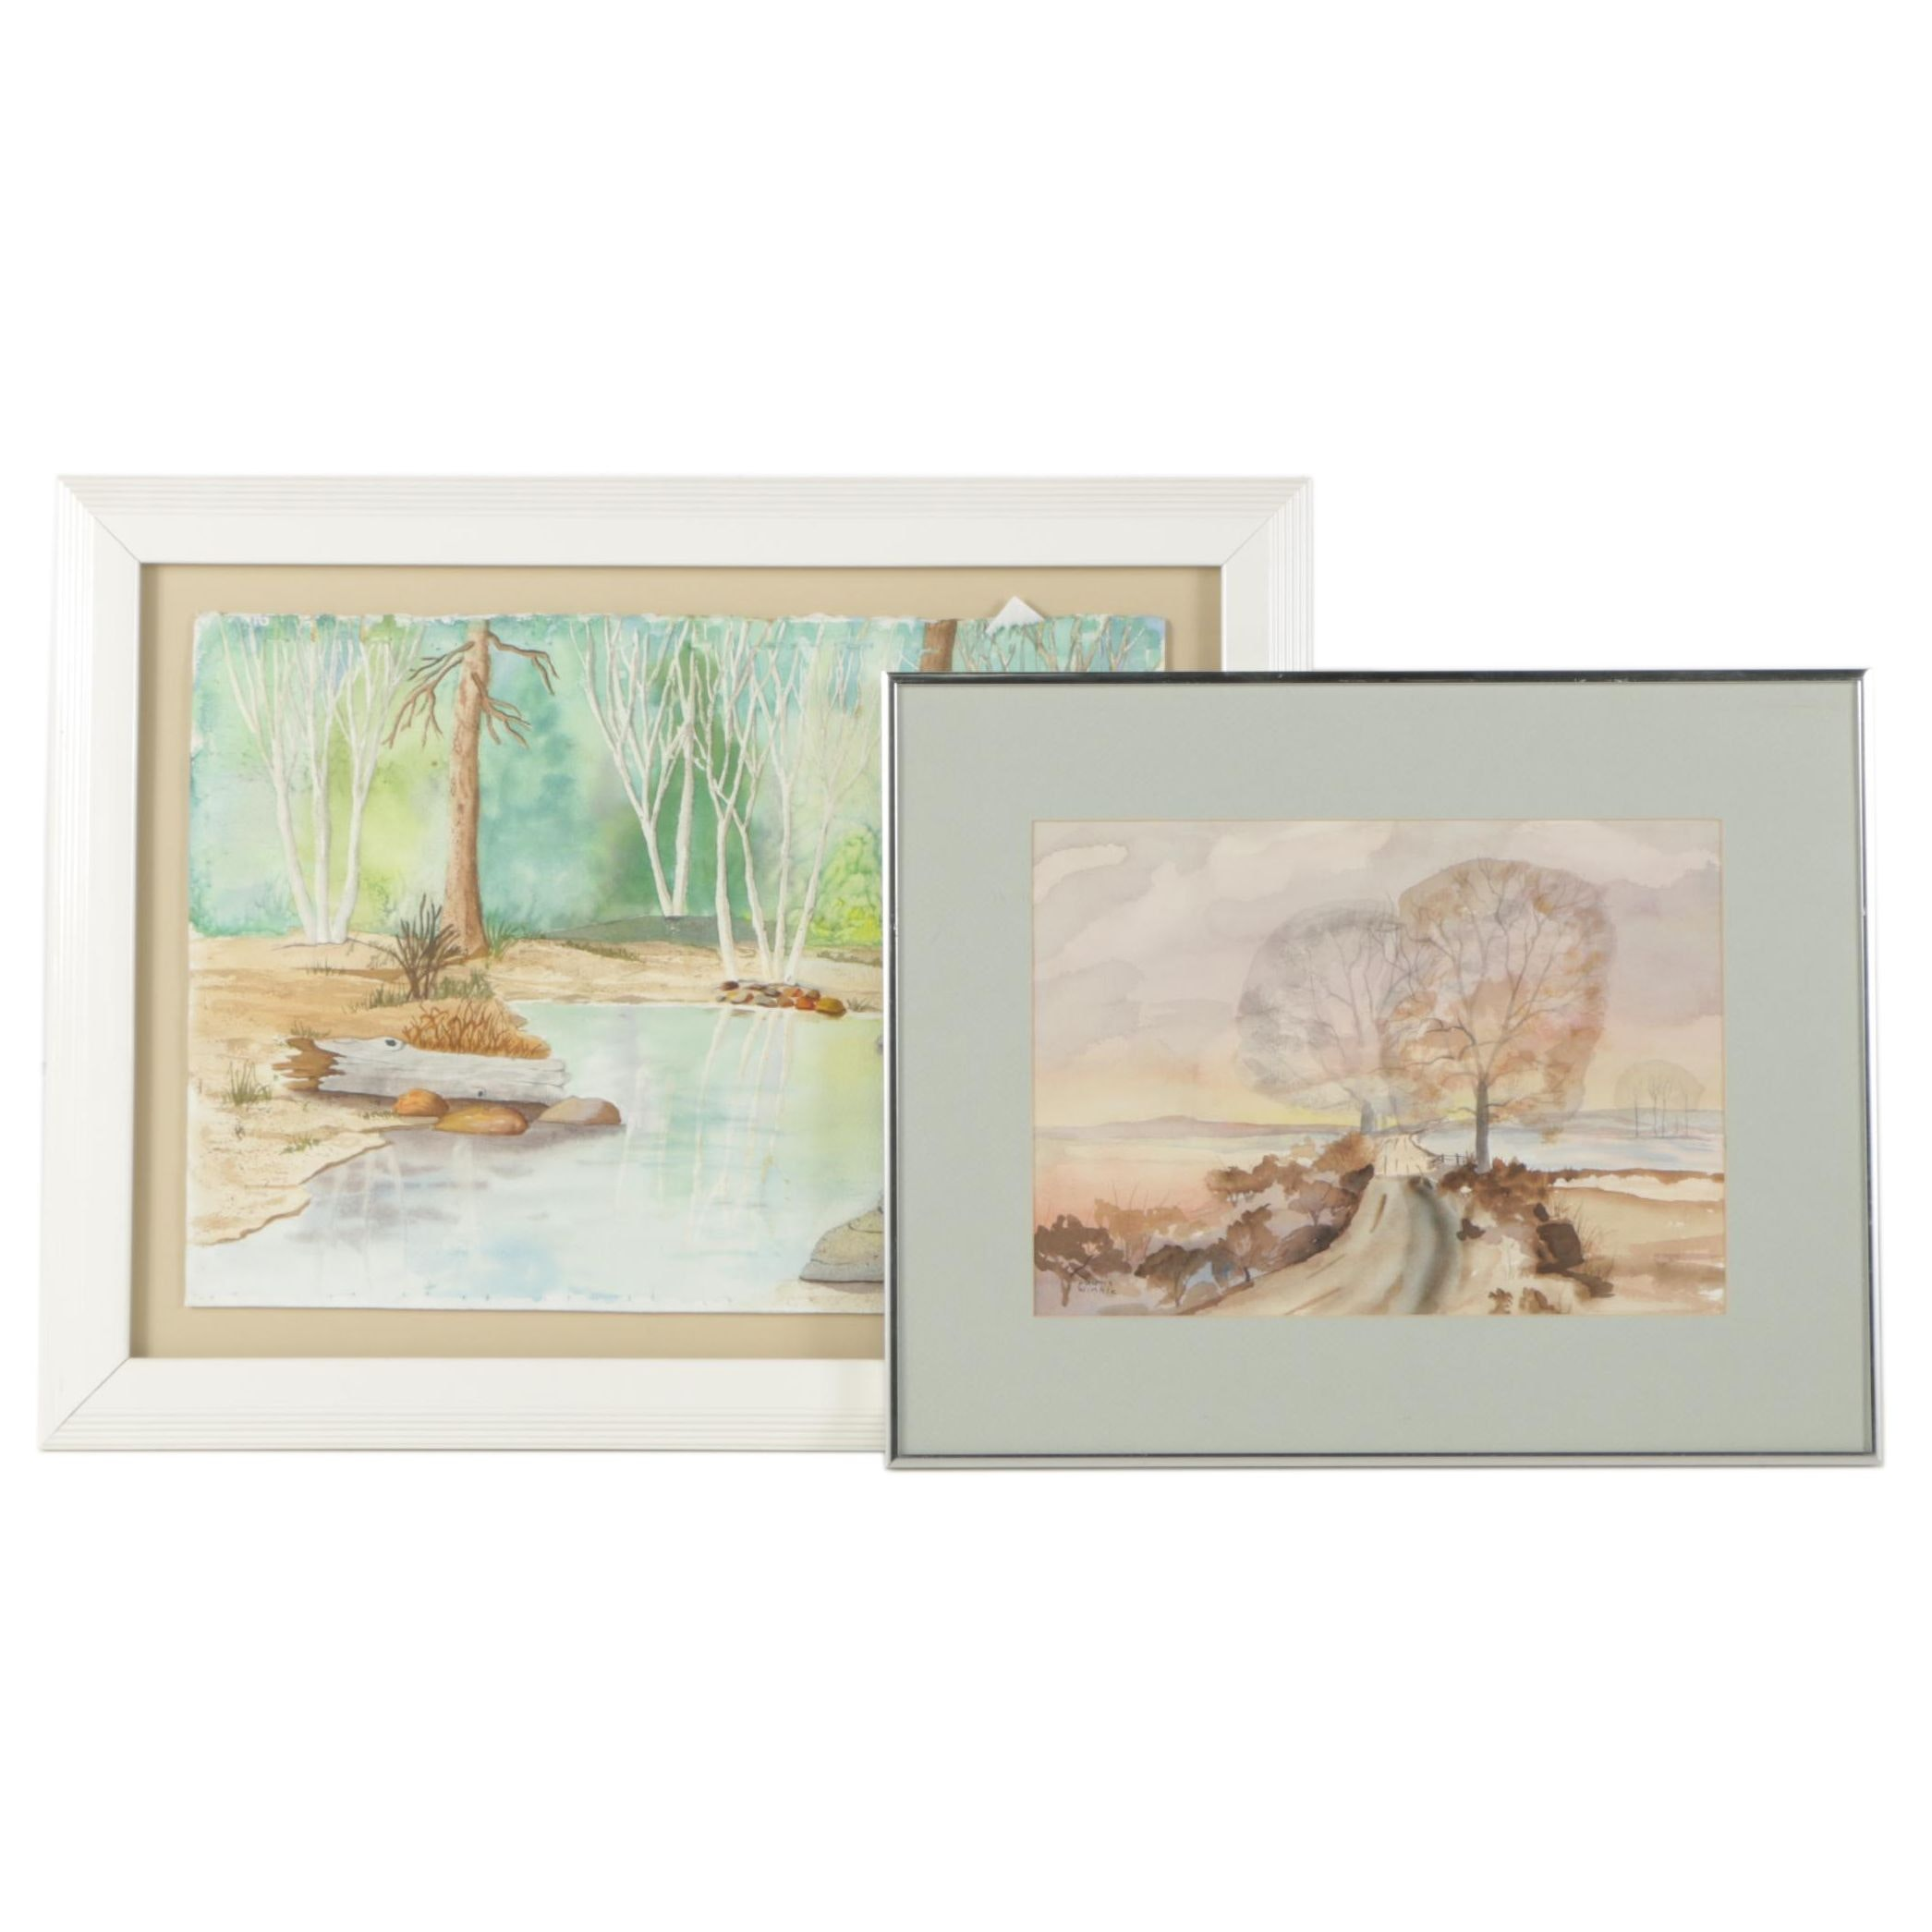 Daunis Winkle Watercolor Paintings of Landscape Scenes